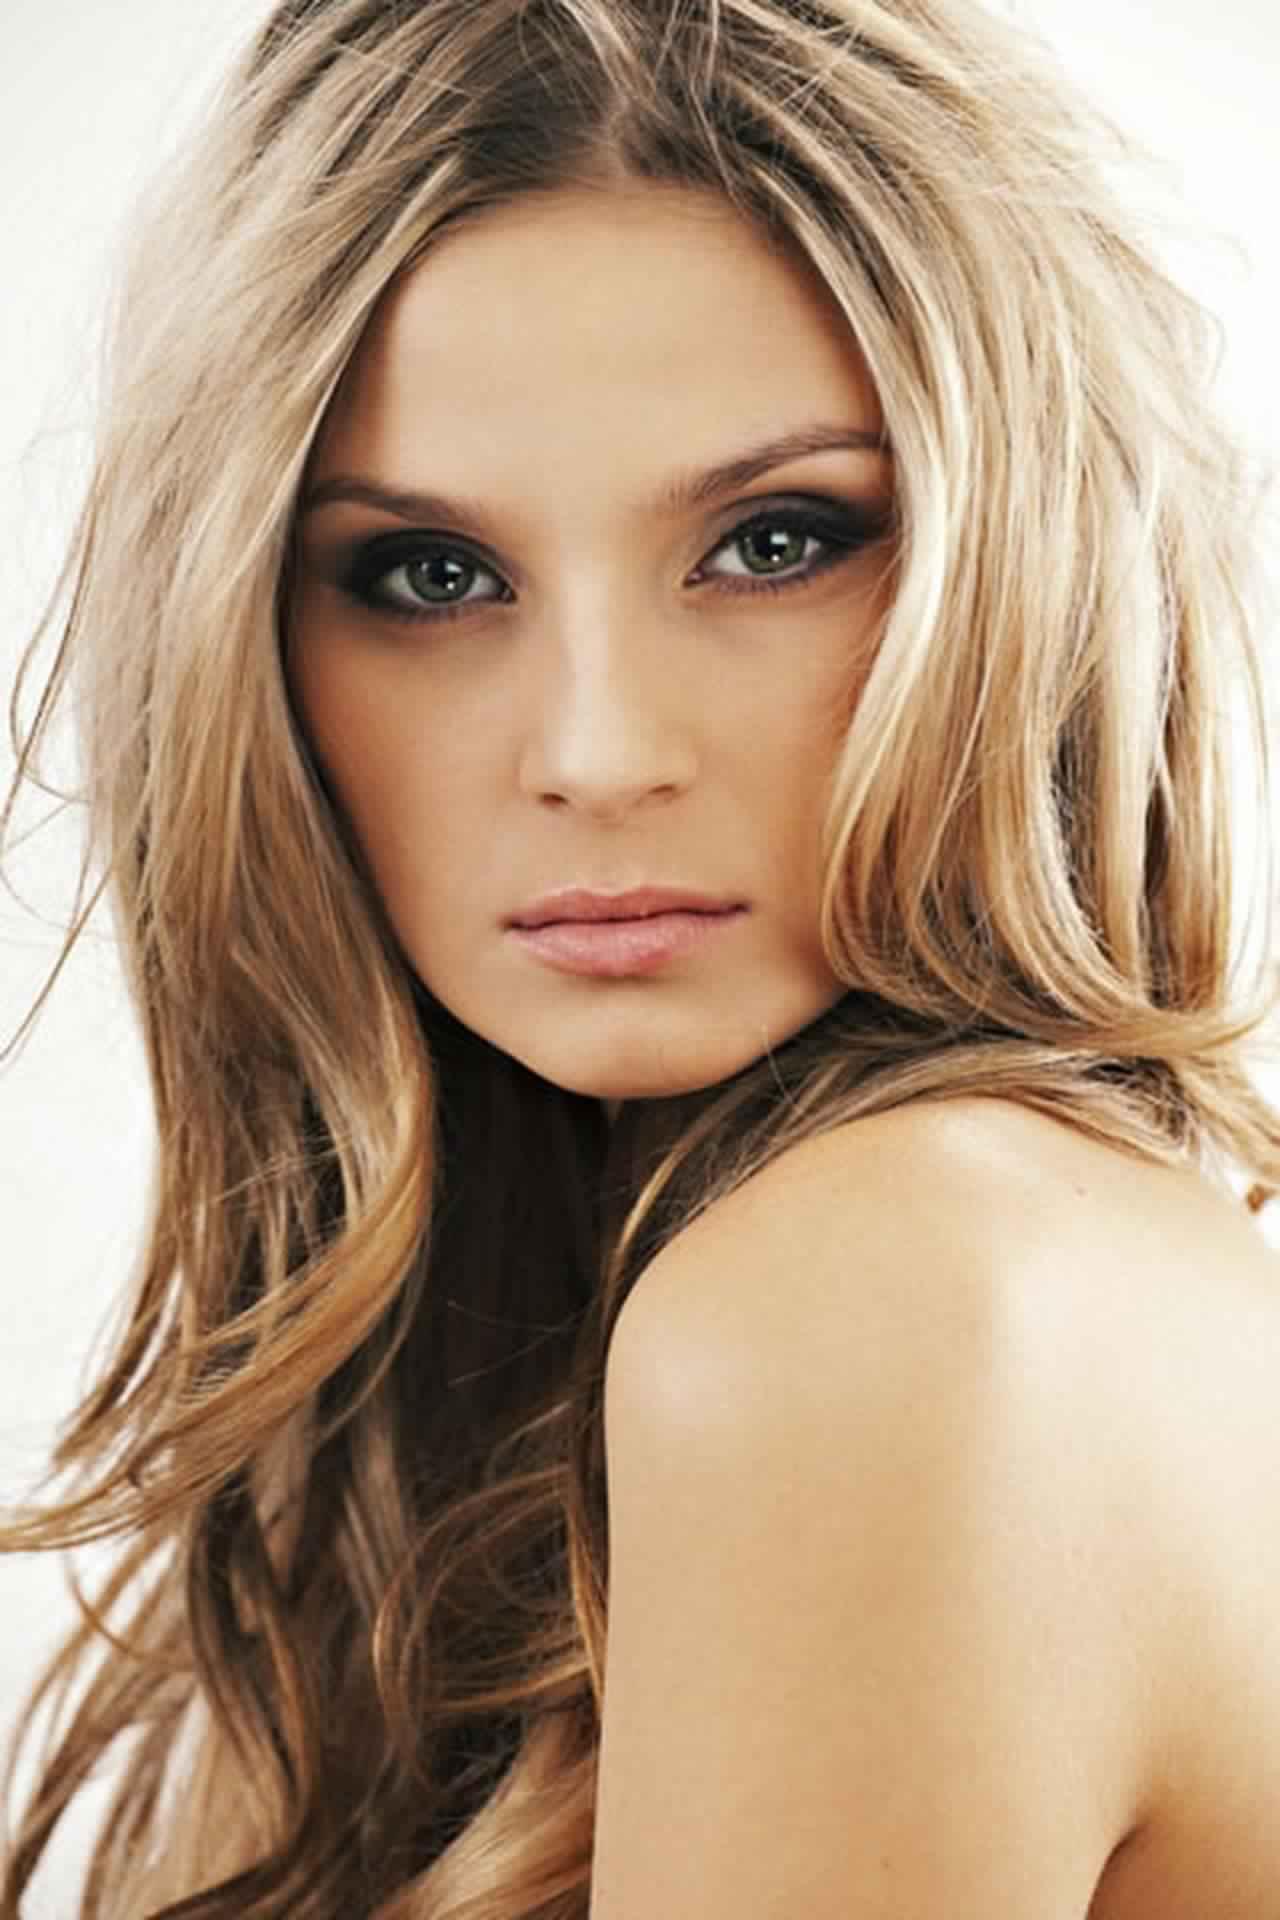 أفضل الصور المميزة لتحديد لون الشعر جميلة